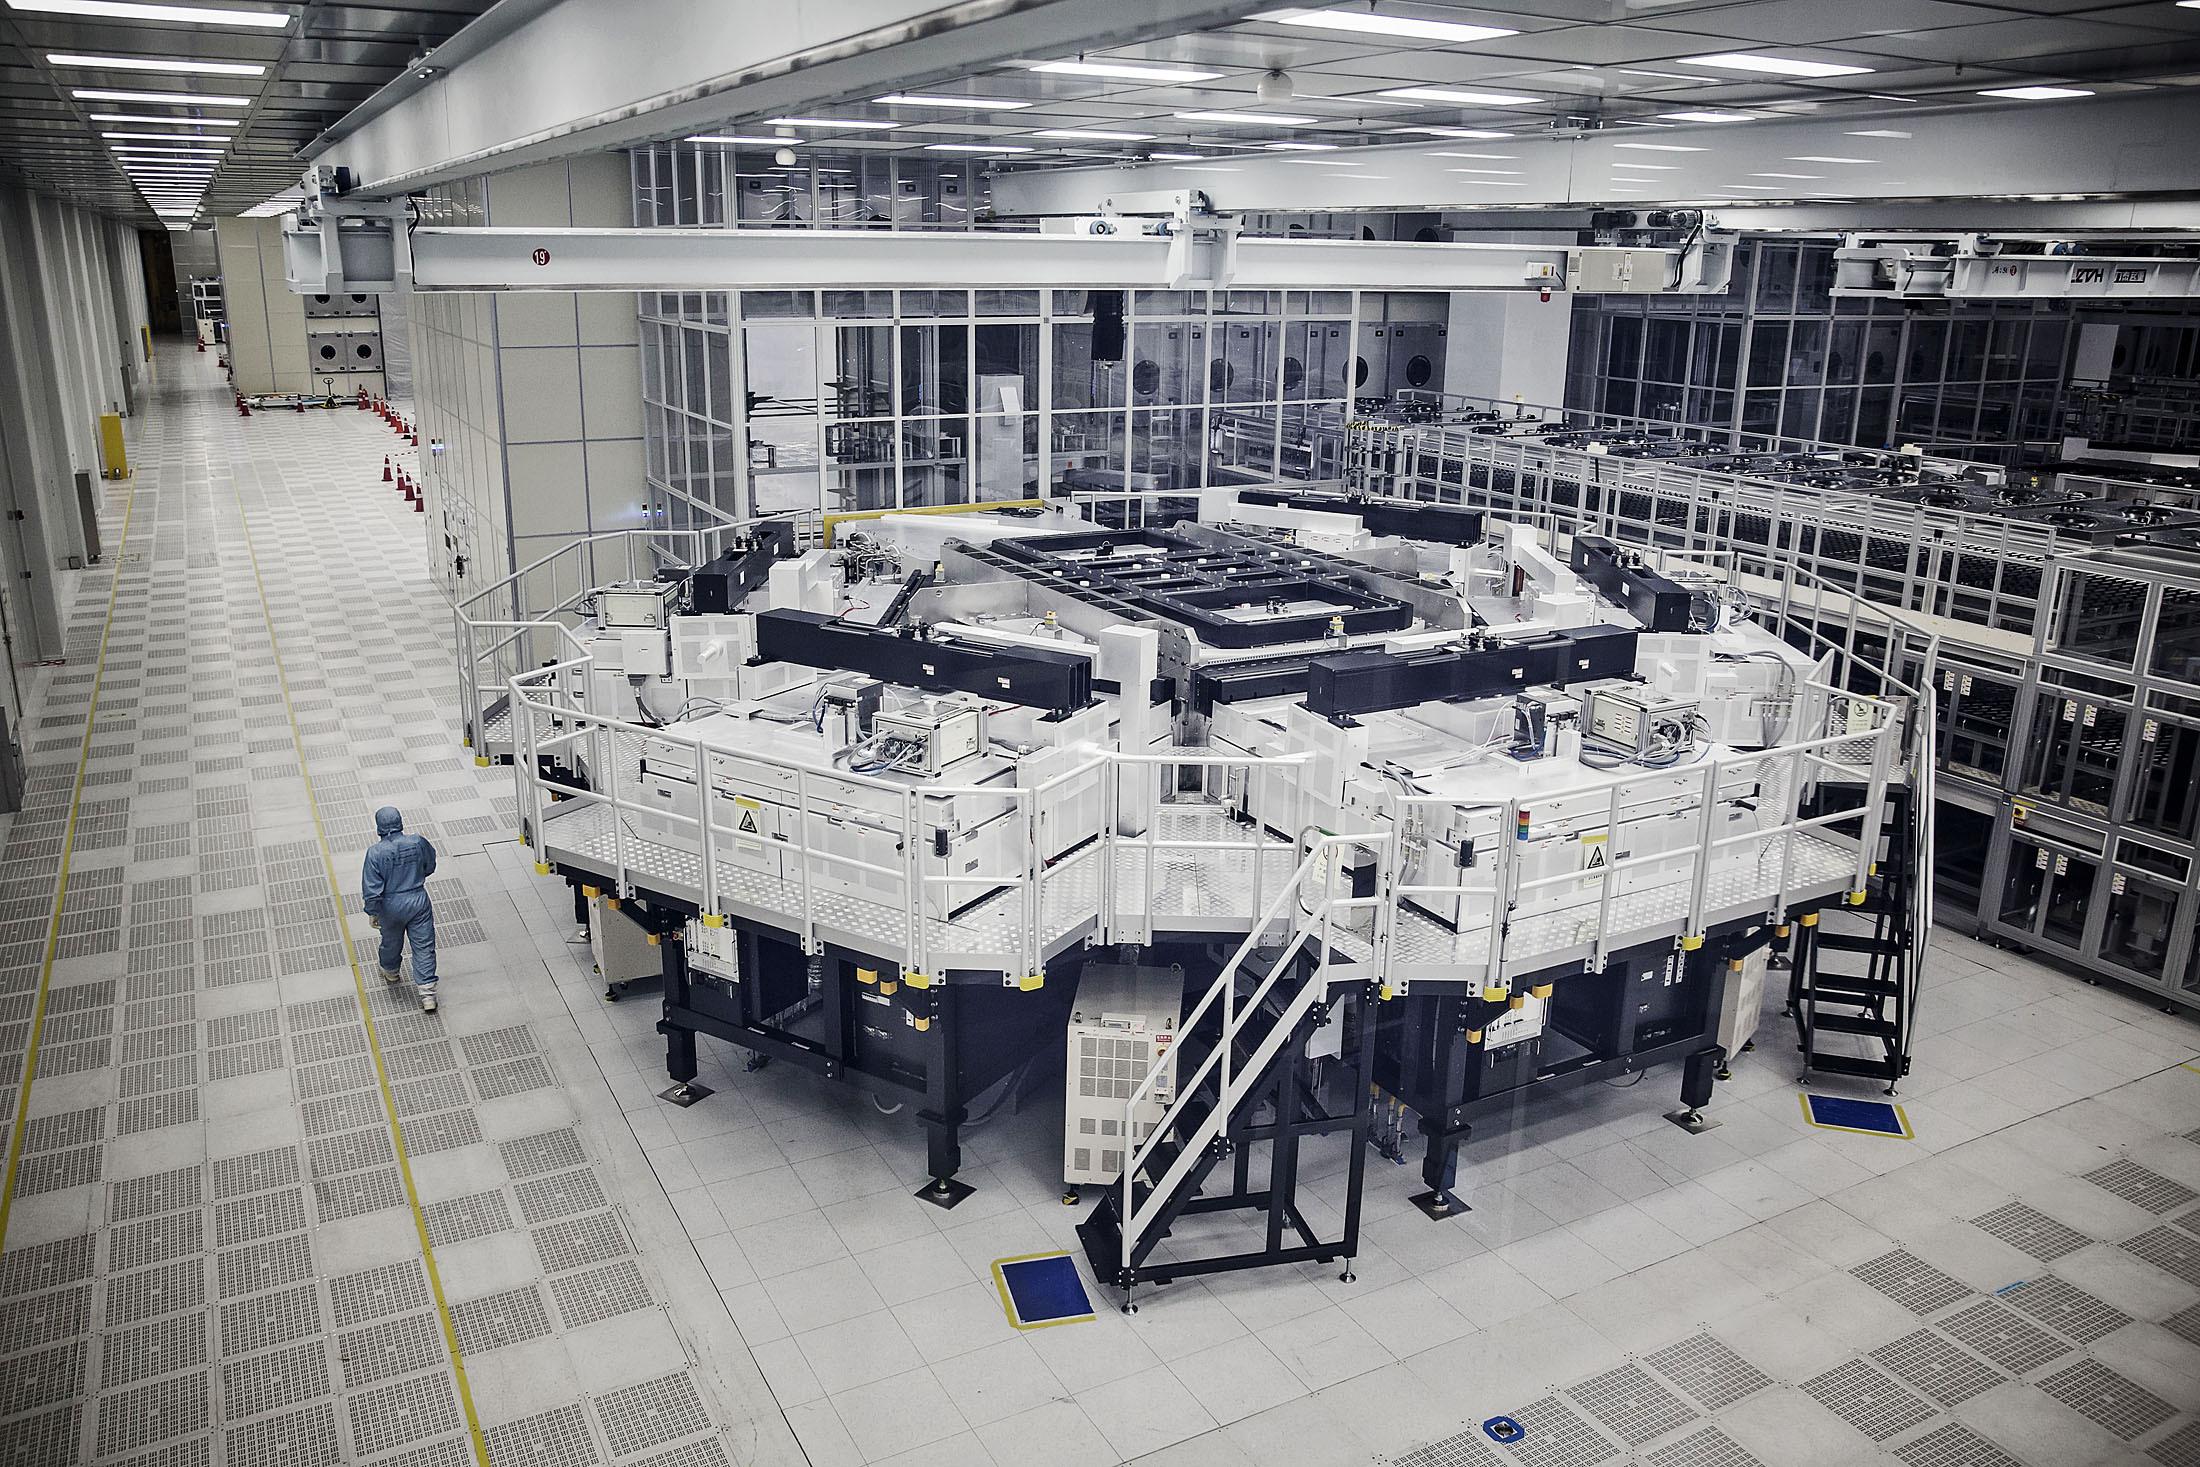 Dây chuyền lắp ráp tự động hoàn toàn tại nhà máy BOE tại Trùng Khánh. Ảnh: Qilai Shen/Bloomberg